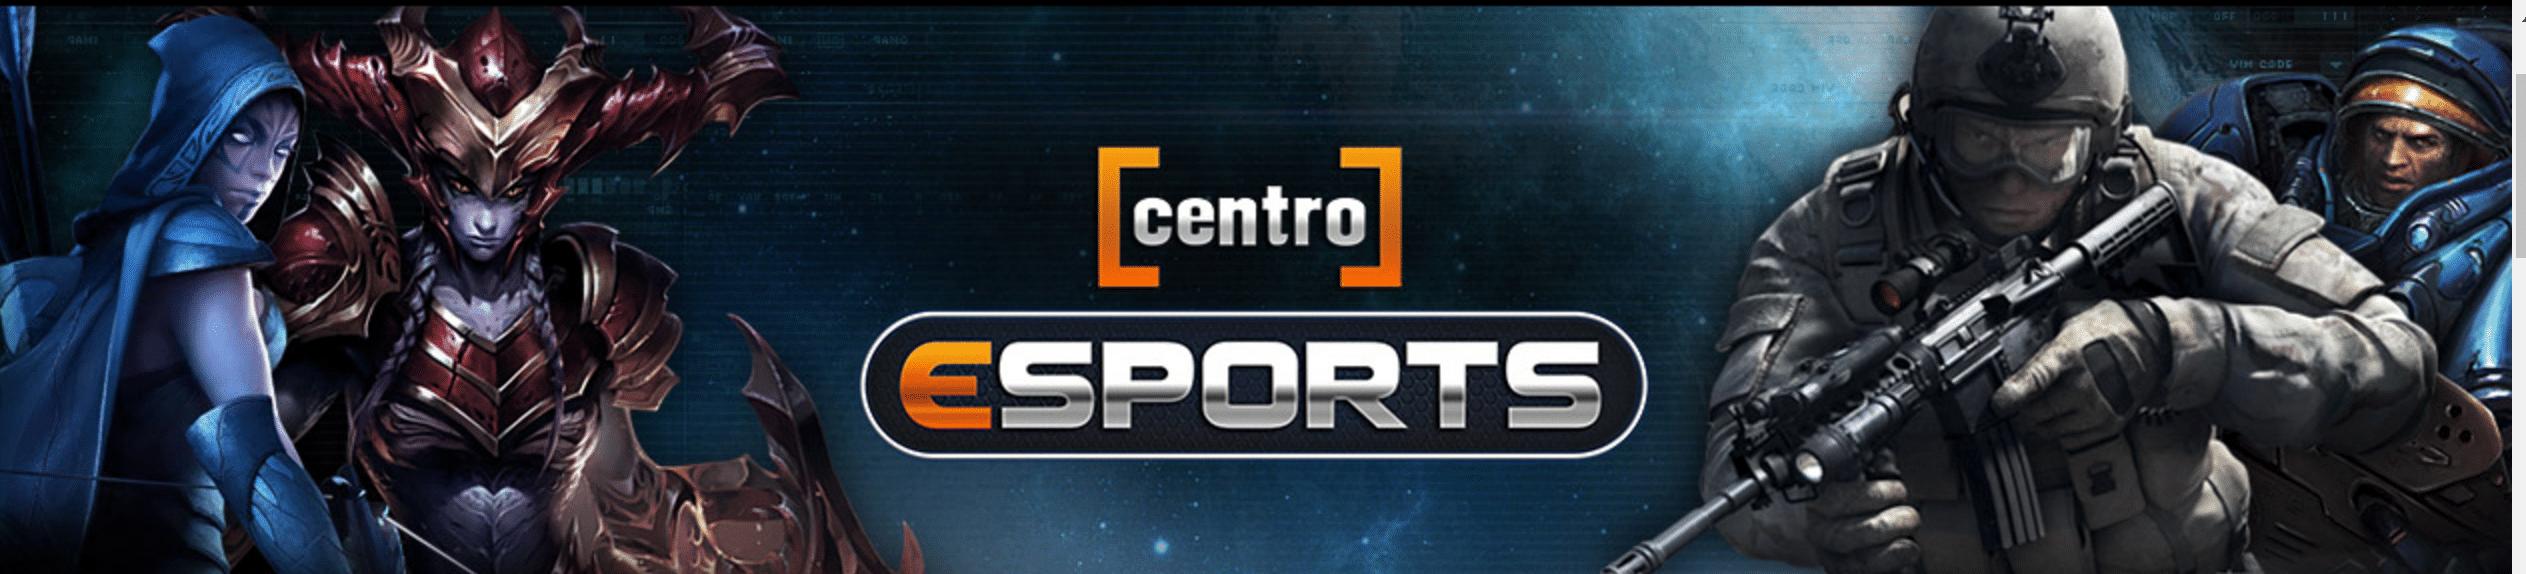 pinnaclesports_esports